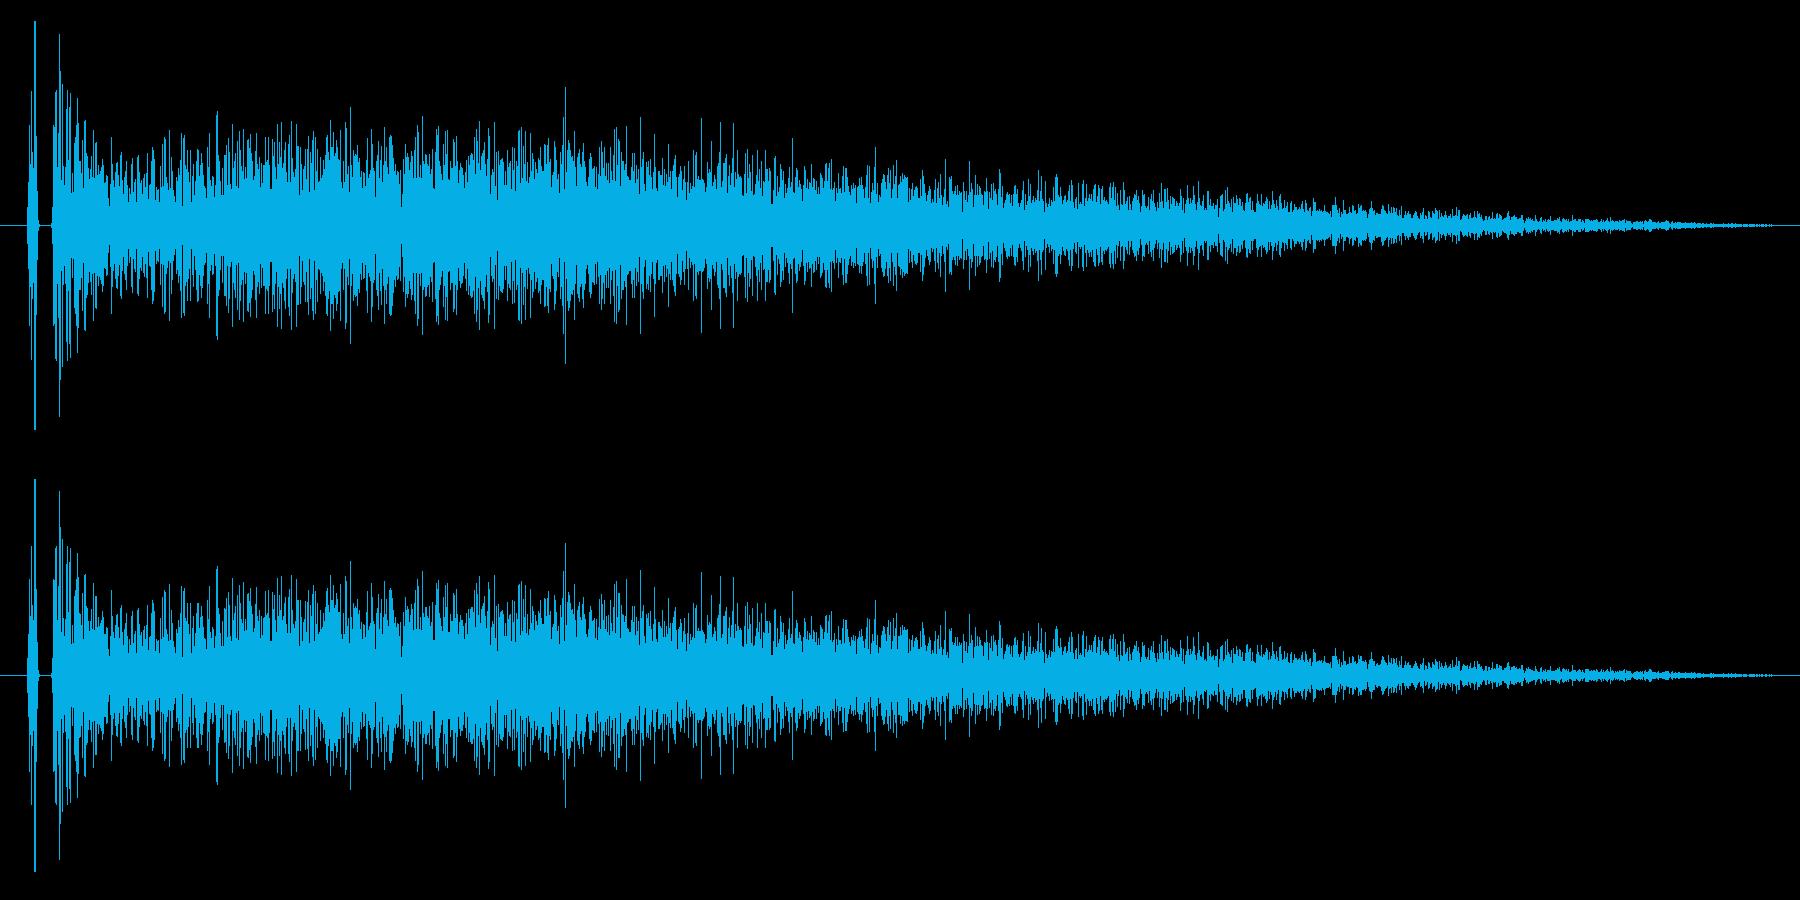 【チャイナシンバル6】中国風な演出に最適の再生済みの波形